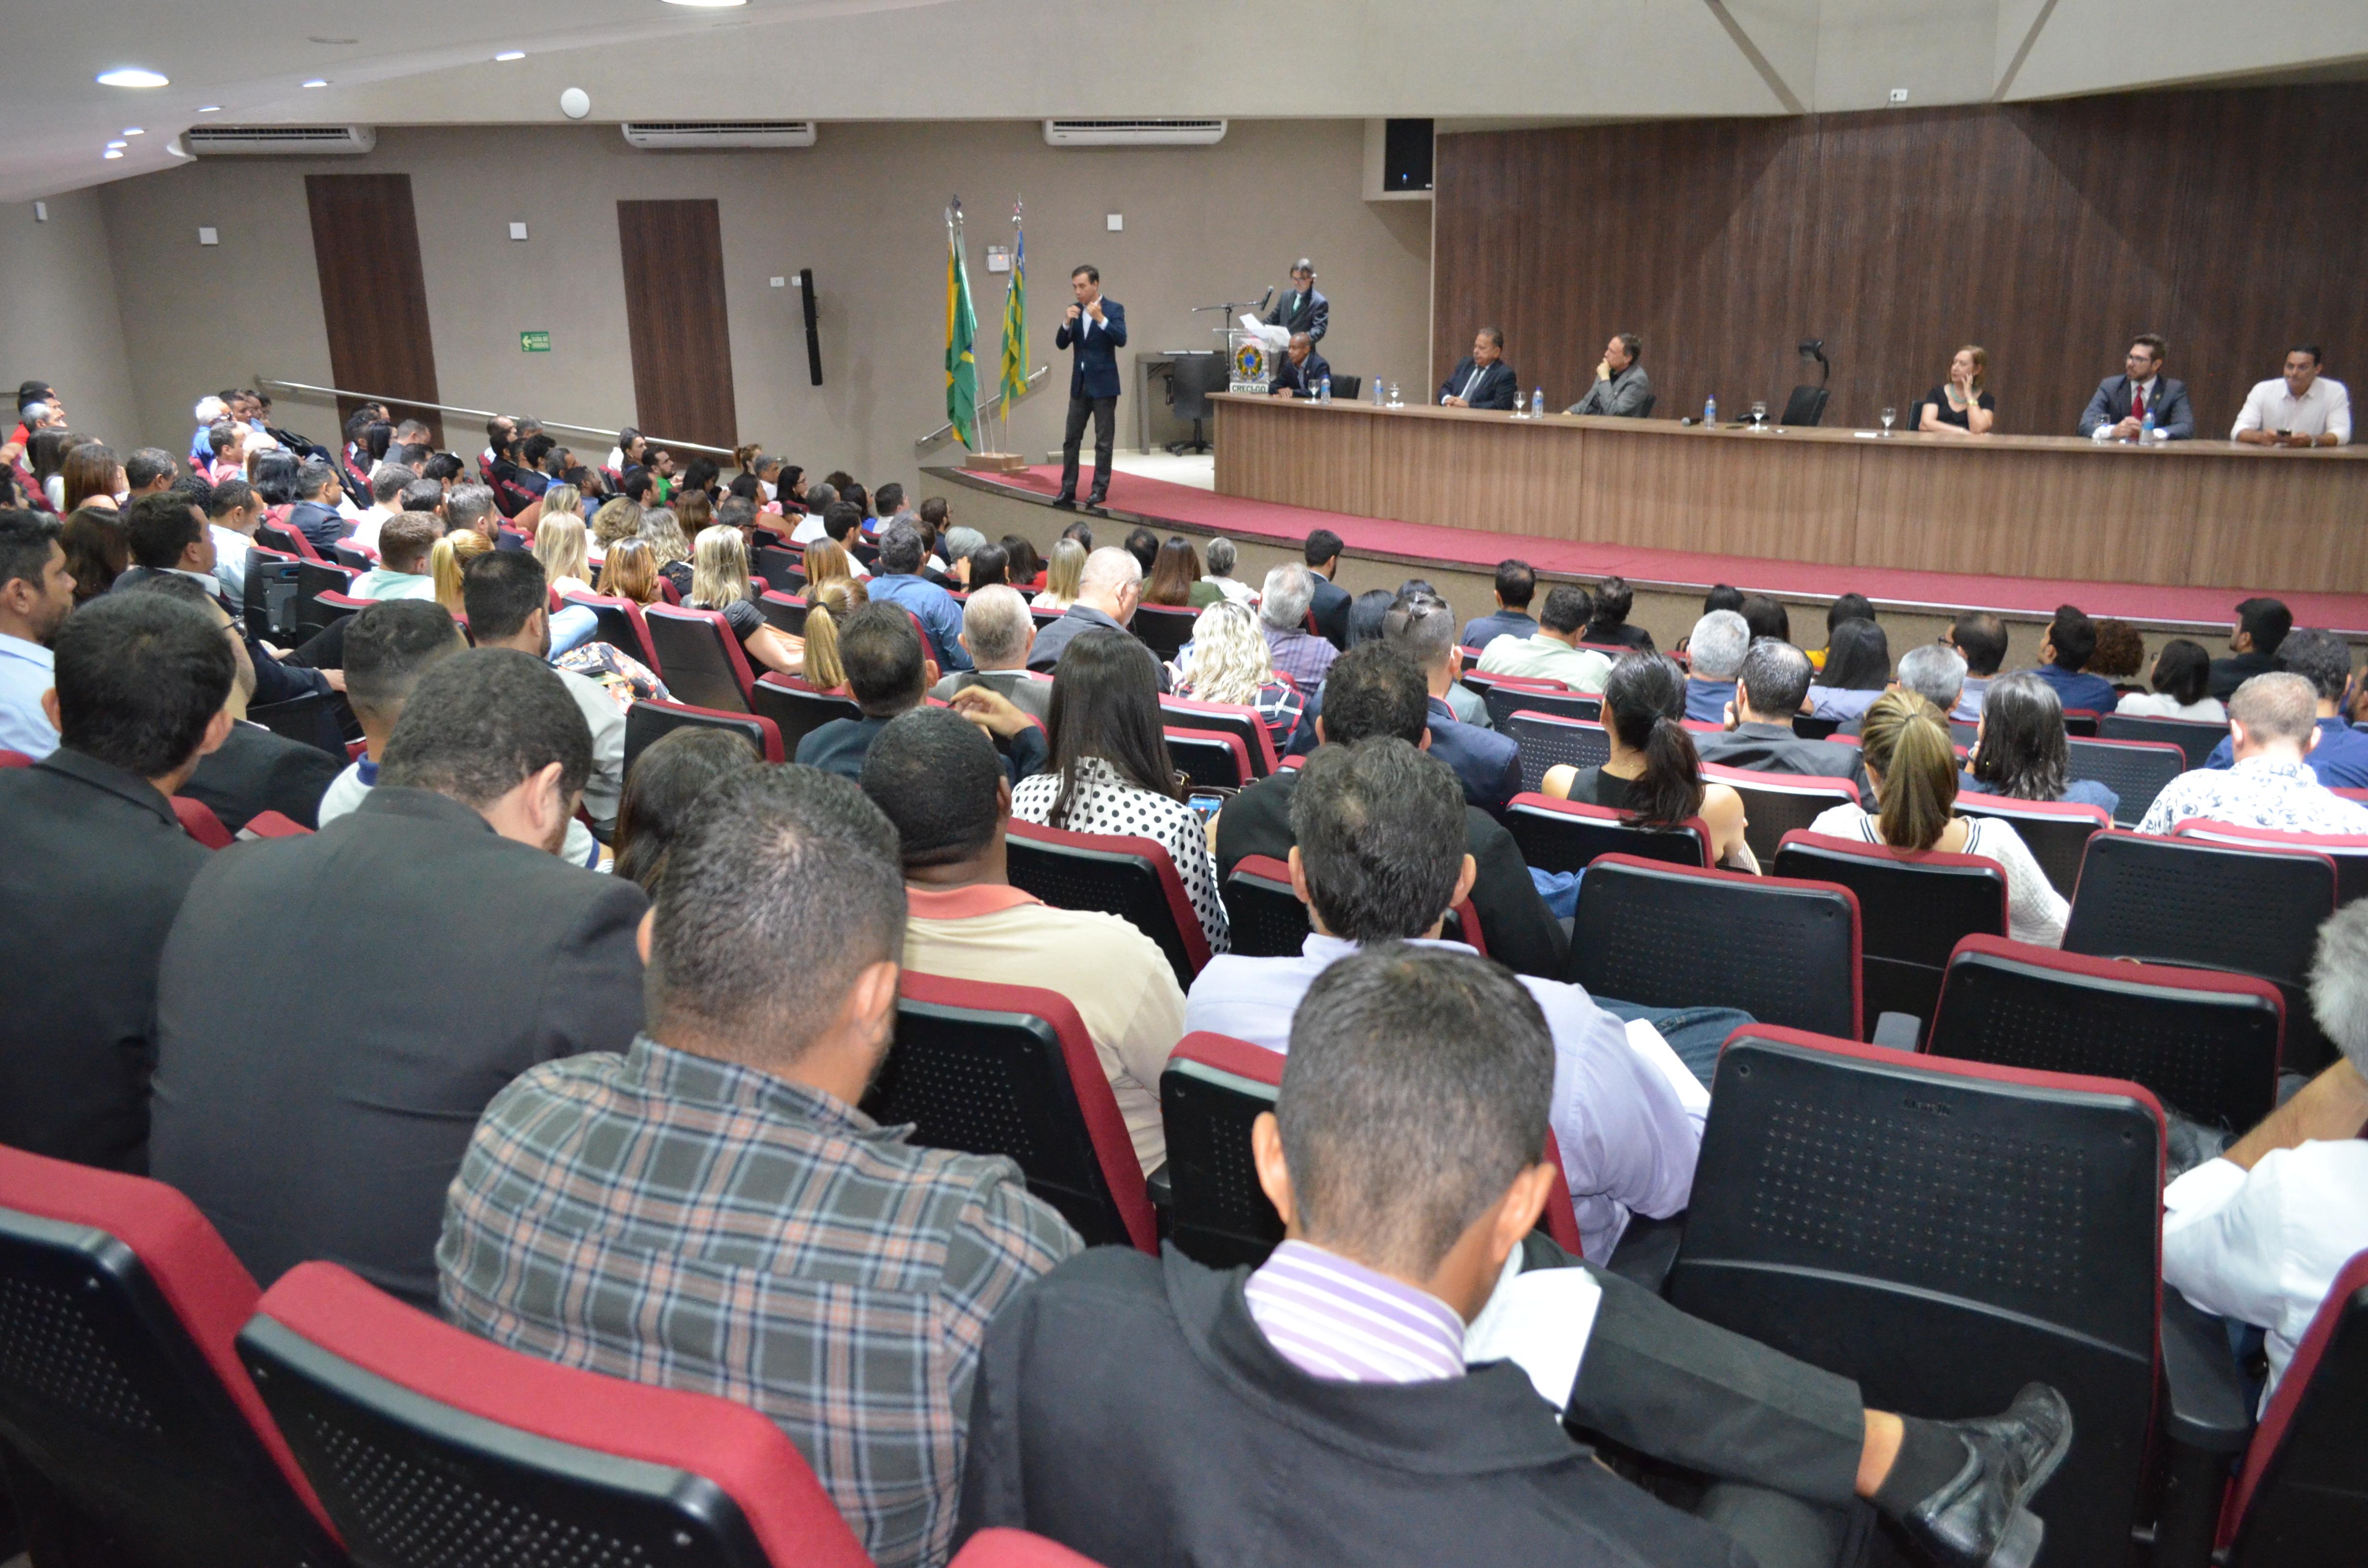 Novos profissionais ingressam no mercado imobiliário   CRECI-GO/ Conselho Regional de Corretores de Imóveis de Goiás